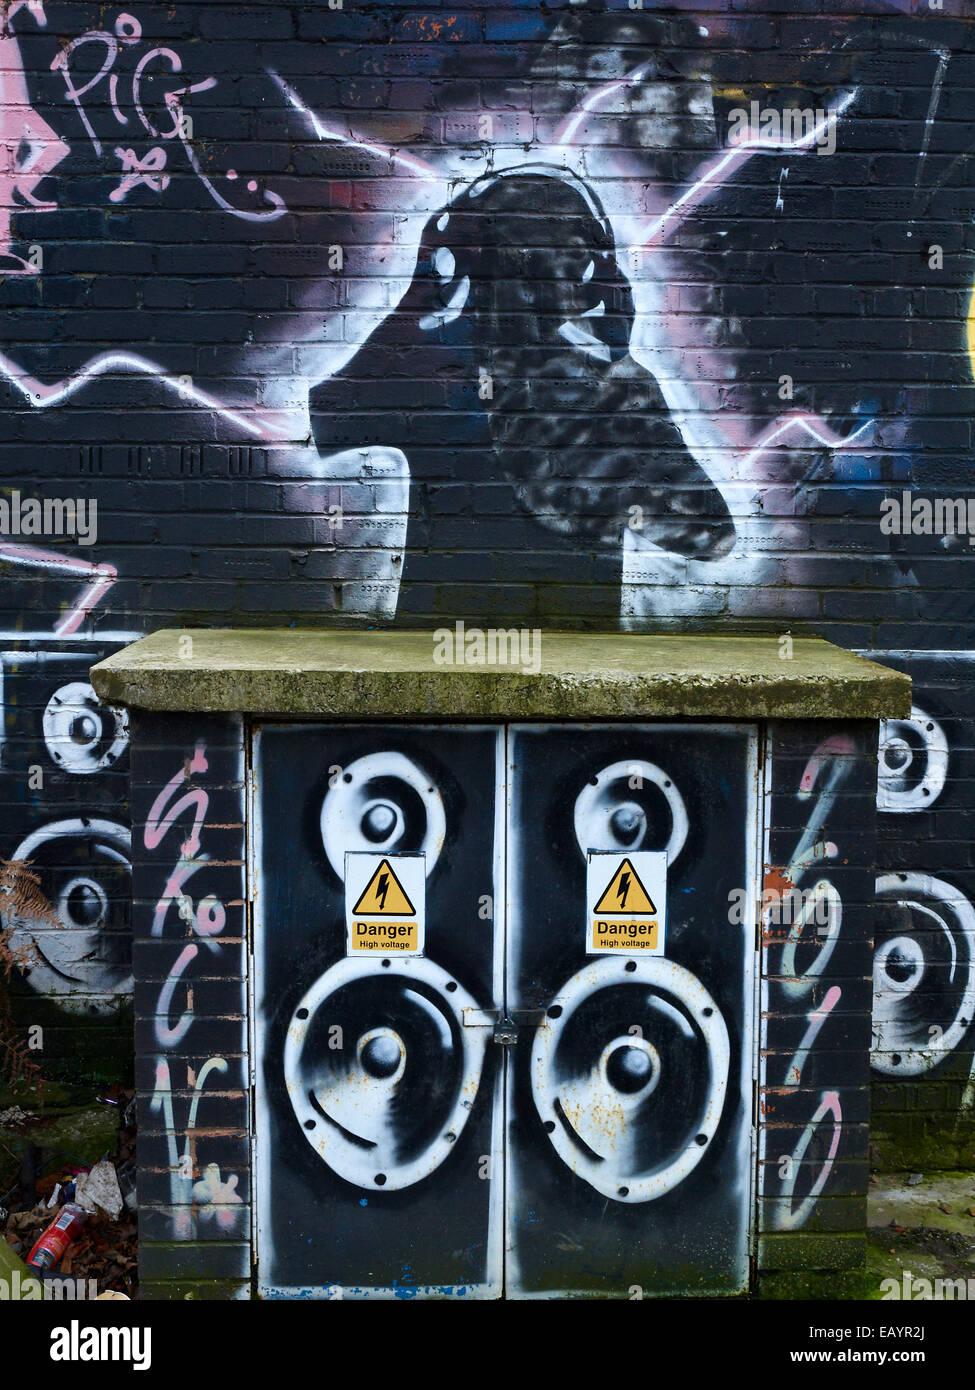 Dj Graffiti On Wall Stock Photo Alamy